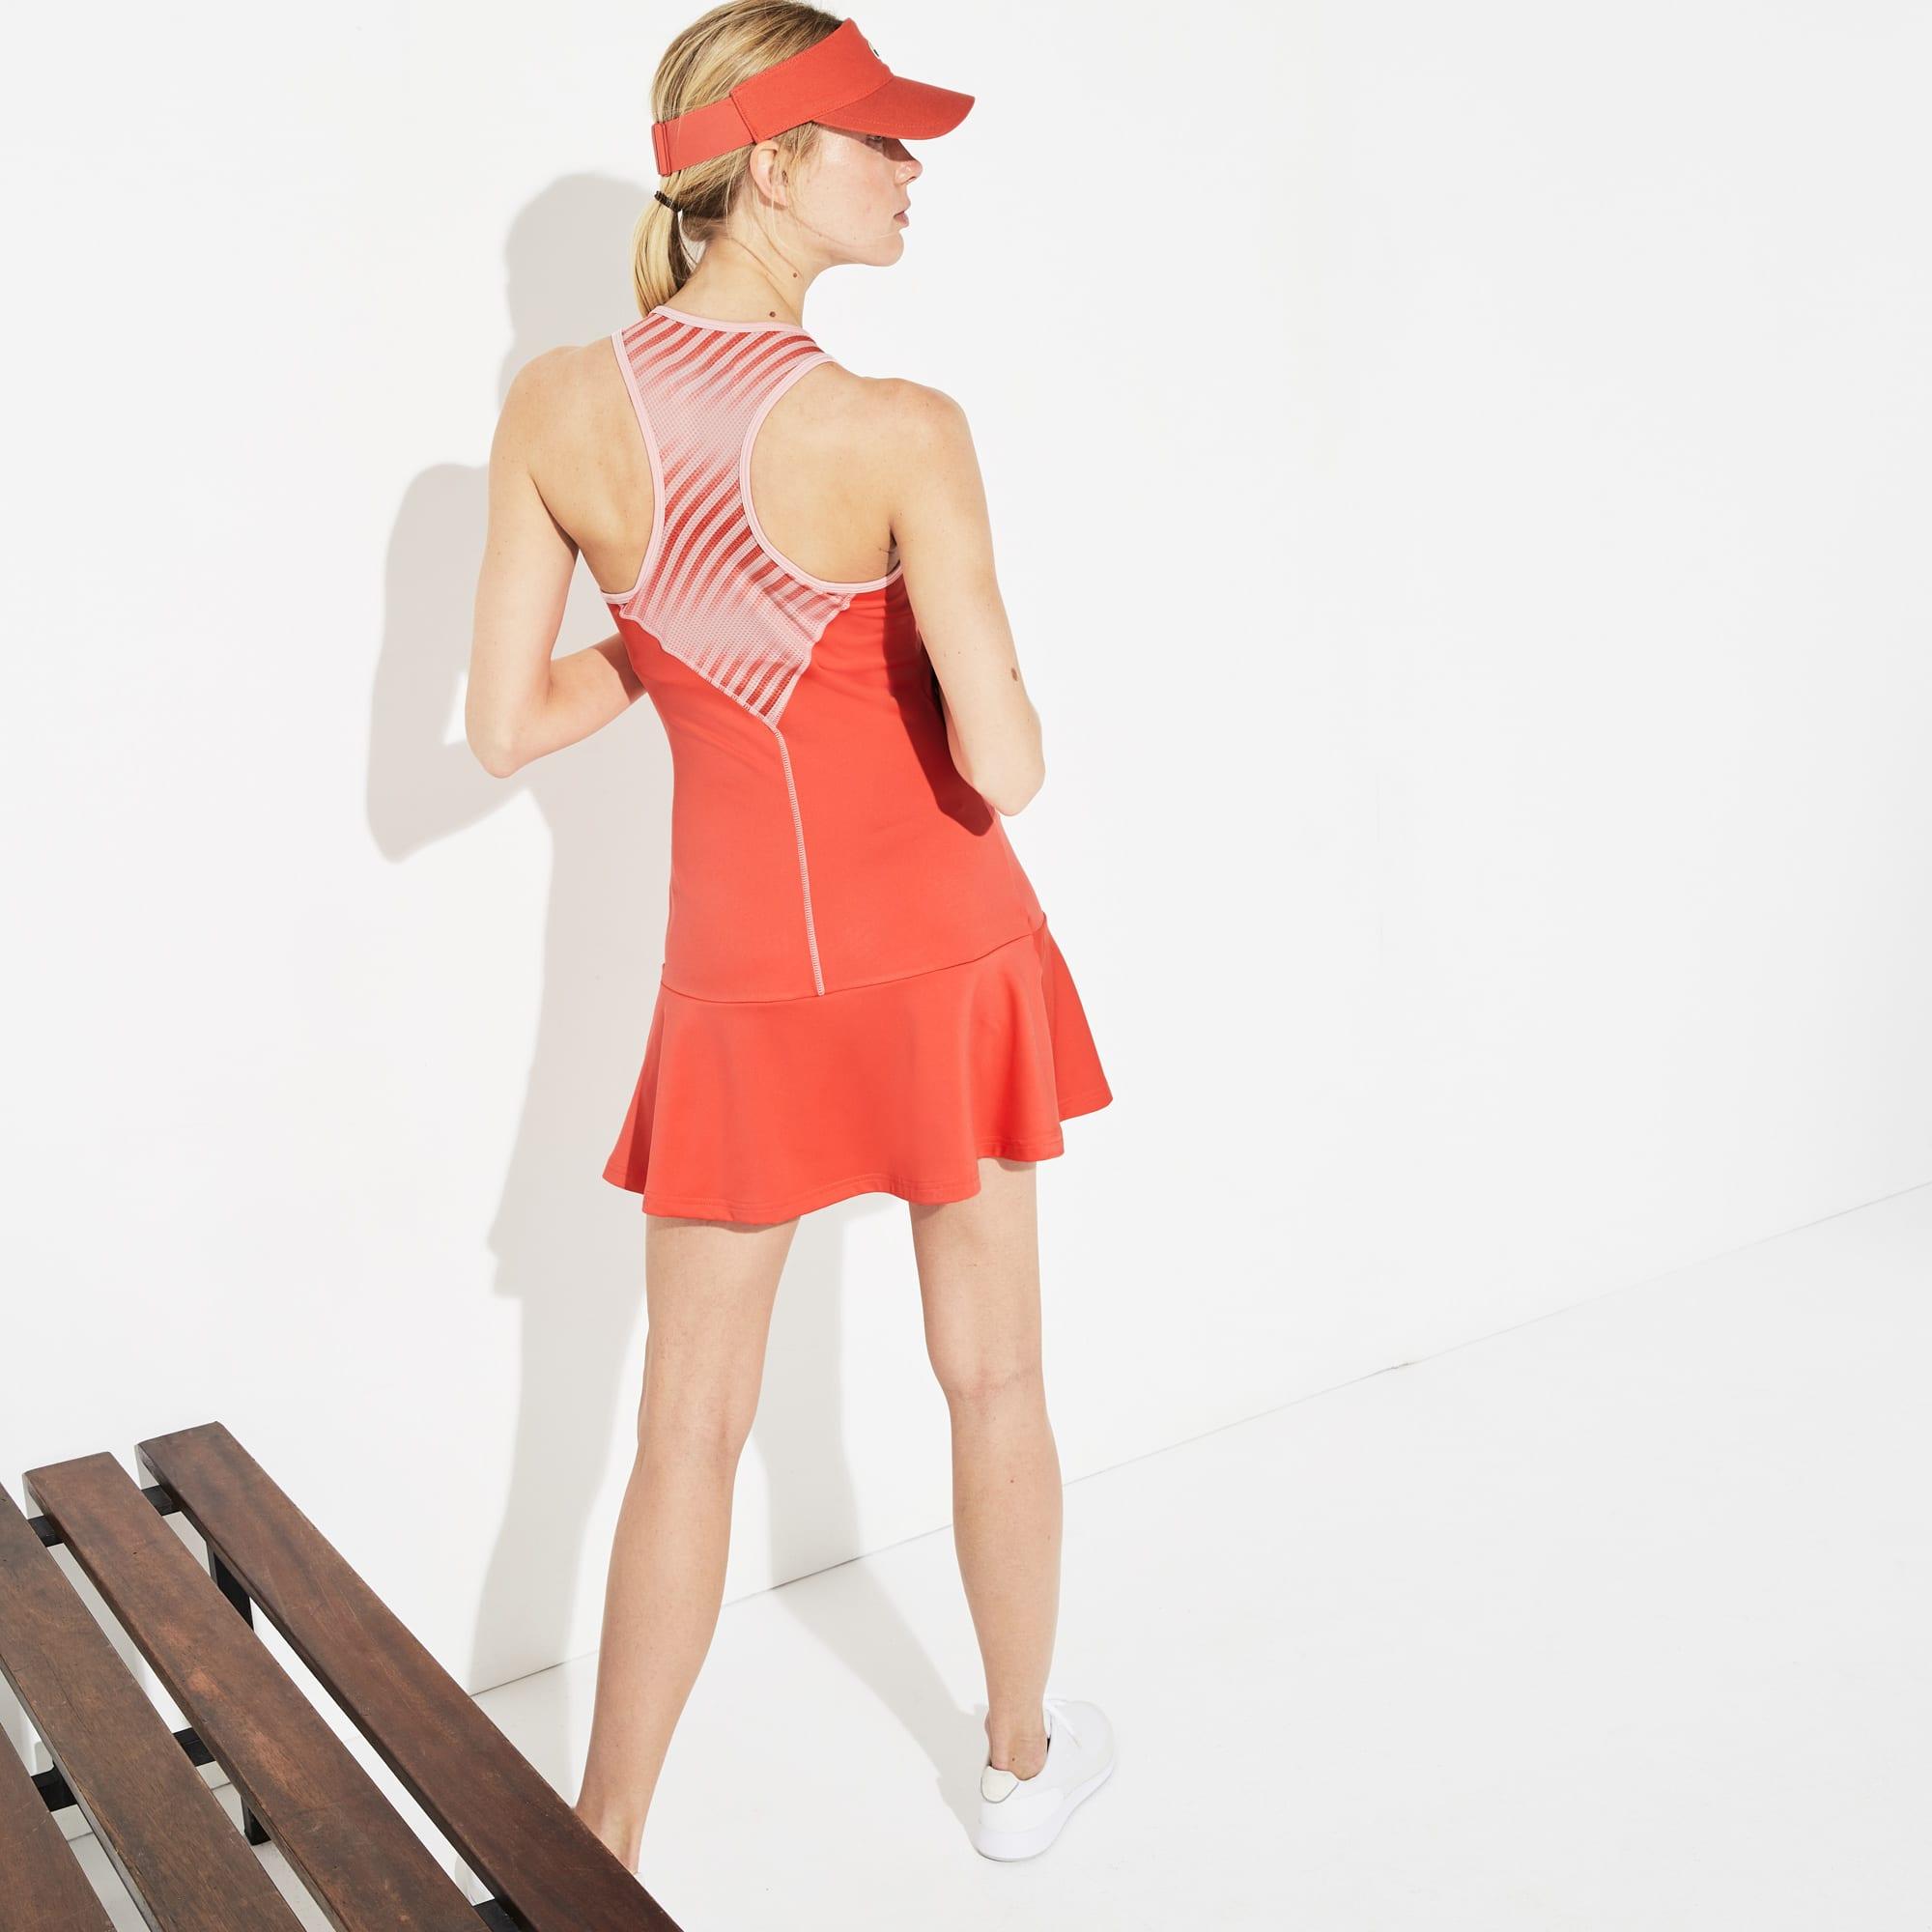 c32d26e03 + 1 colour. 50% off. Women's Lacoste SPORT Racerback Jersey And Print Mesh  Tennis Dress